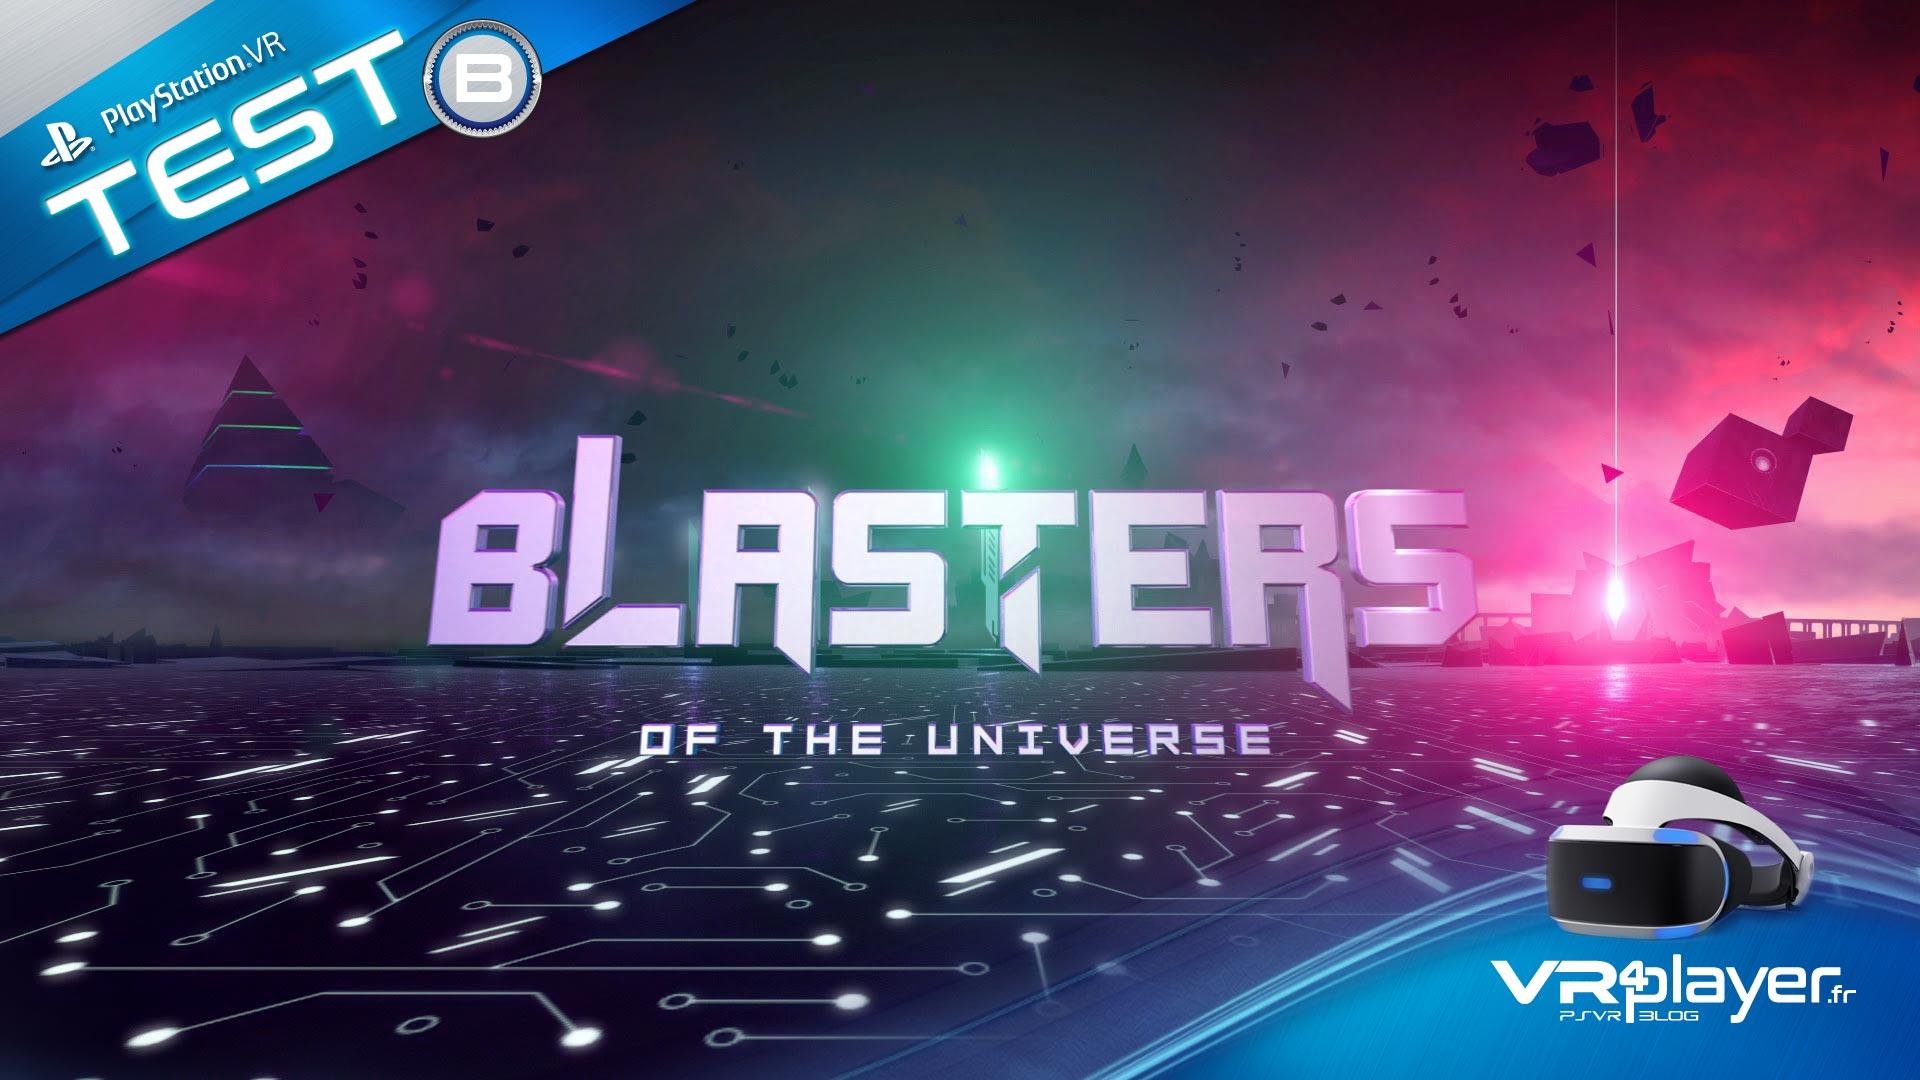 Blasters of the Universe sur PSVR vrplayer.fr